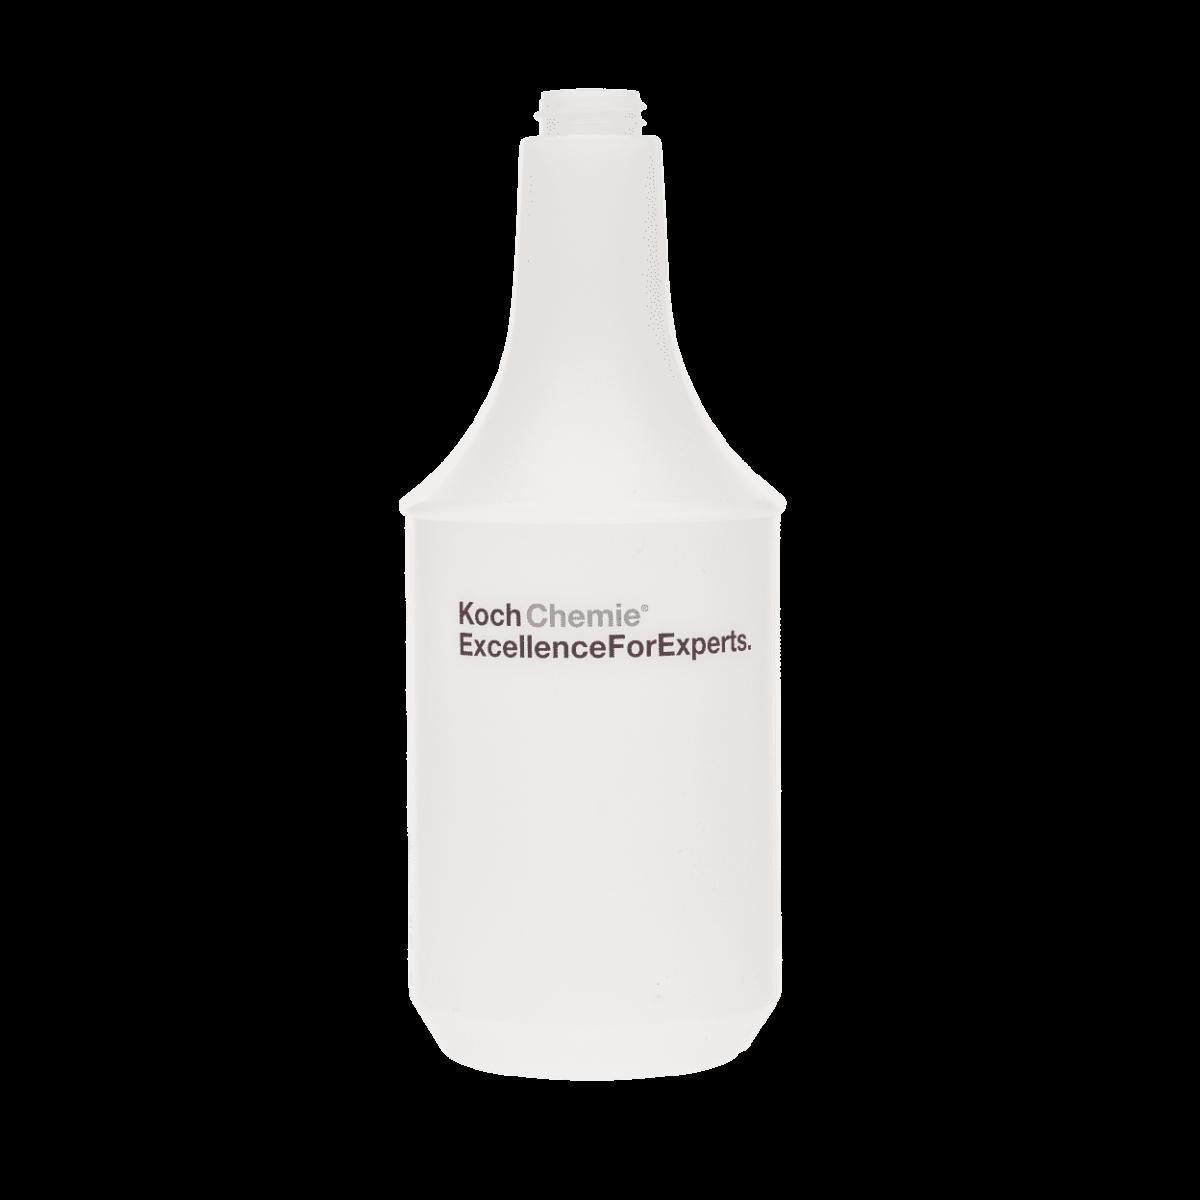 bouteille de dilution pour greenstar koch chemie